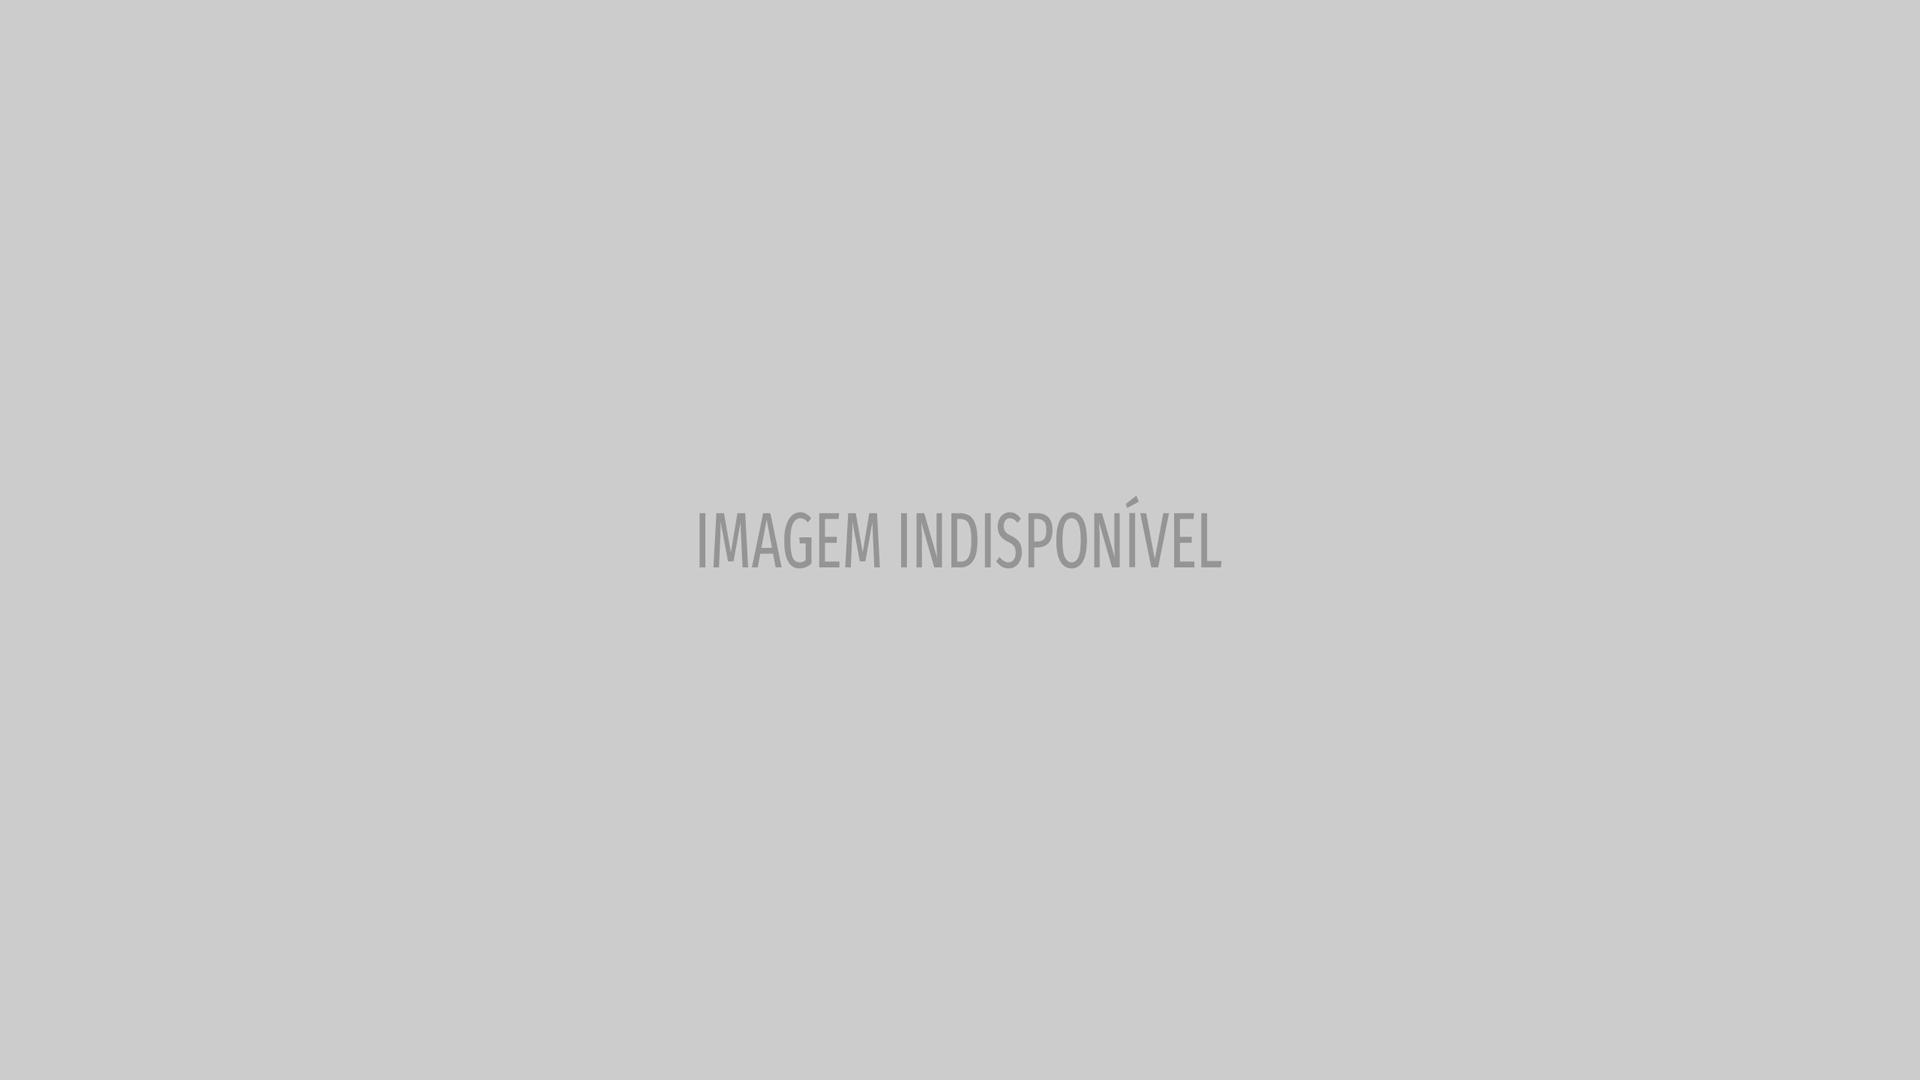 Elma Aveiro apoia o irmão, Cristiano Ronaldo, em momento difícil